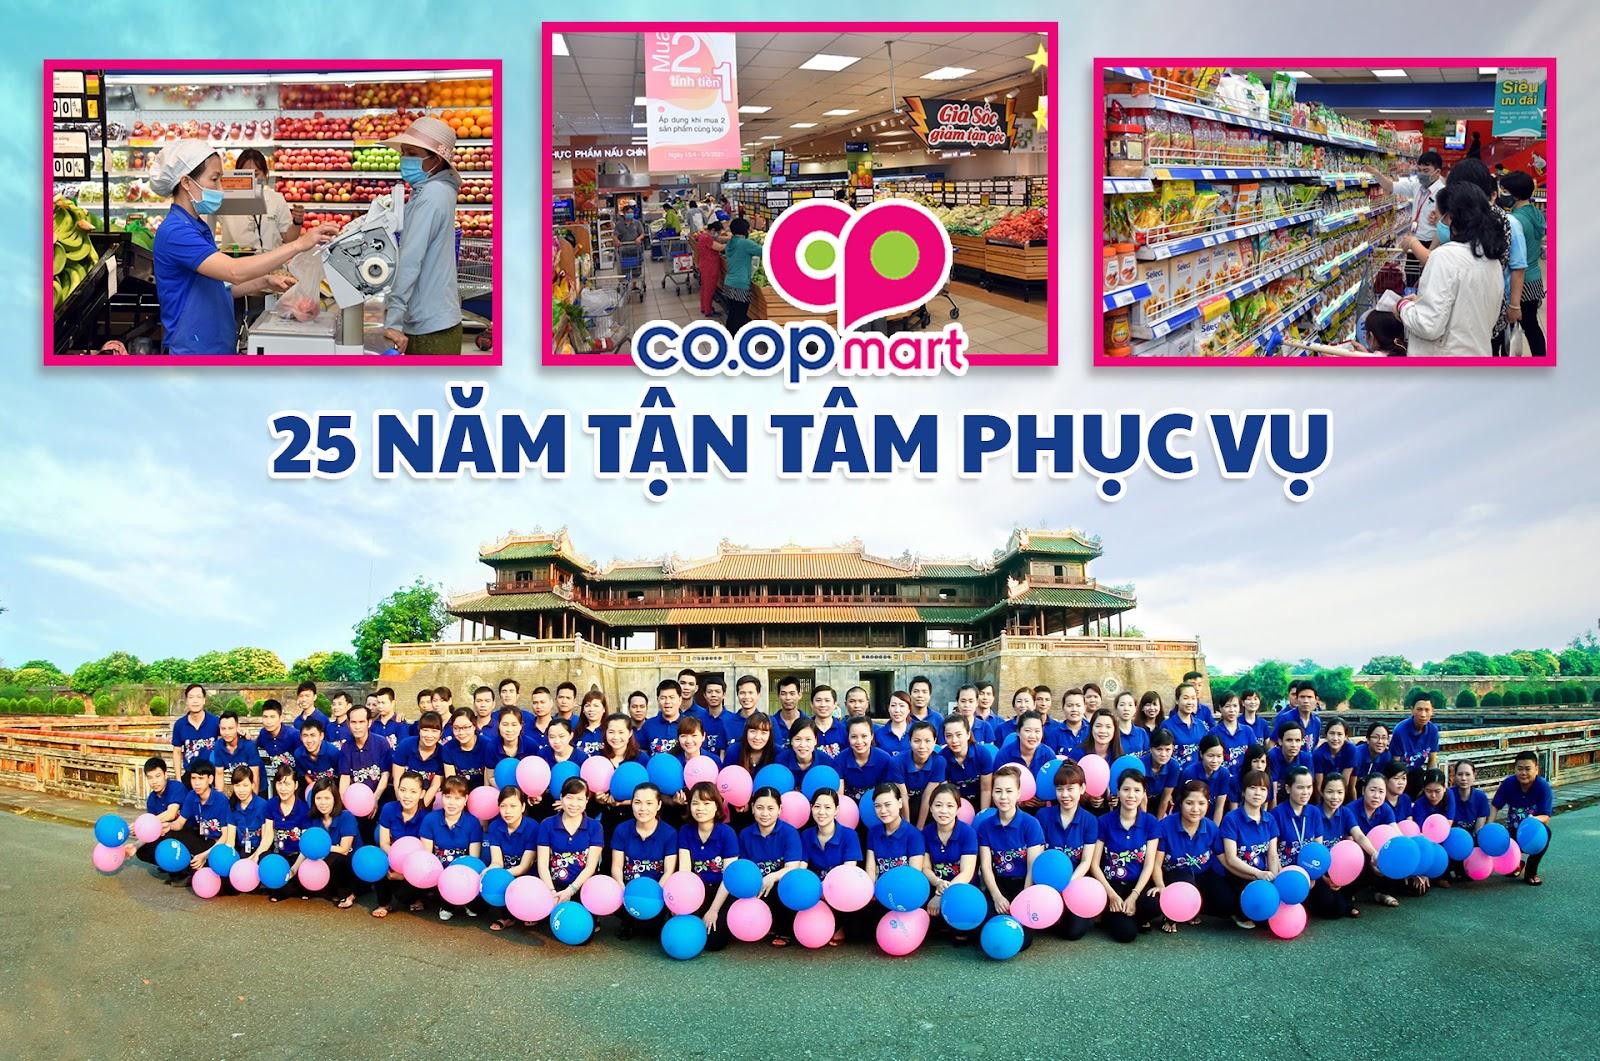 eMagazine] 25 năm tận tâm phục vụ của hệ thống siêu thị thuần Việt lâu đời nhất Việt Nam - Báo Người lao động